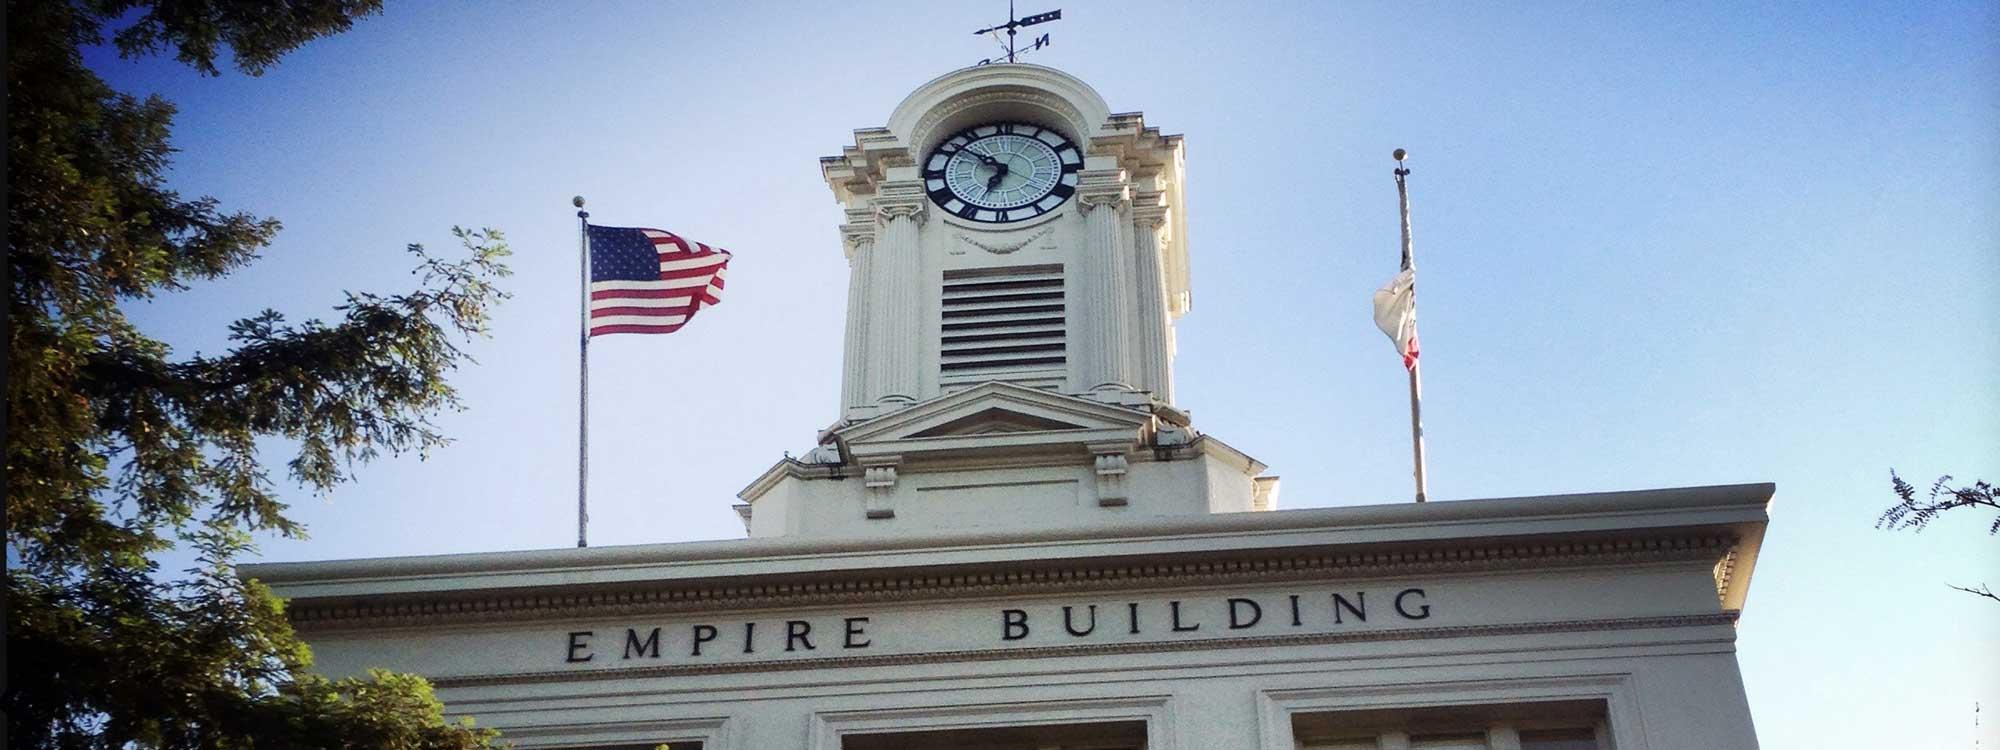 Empire.Building.Website.Header.jpg